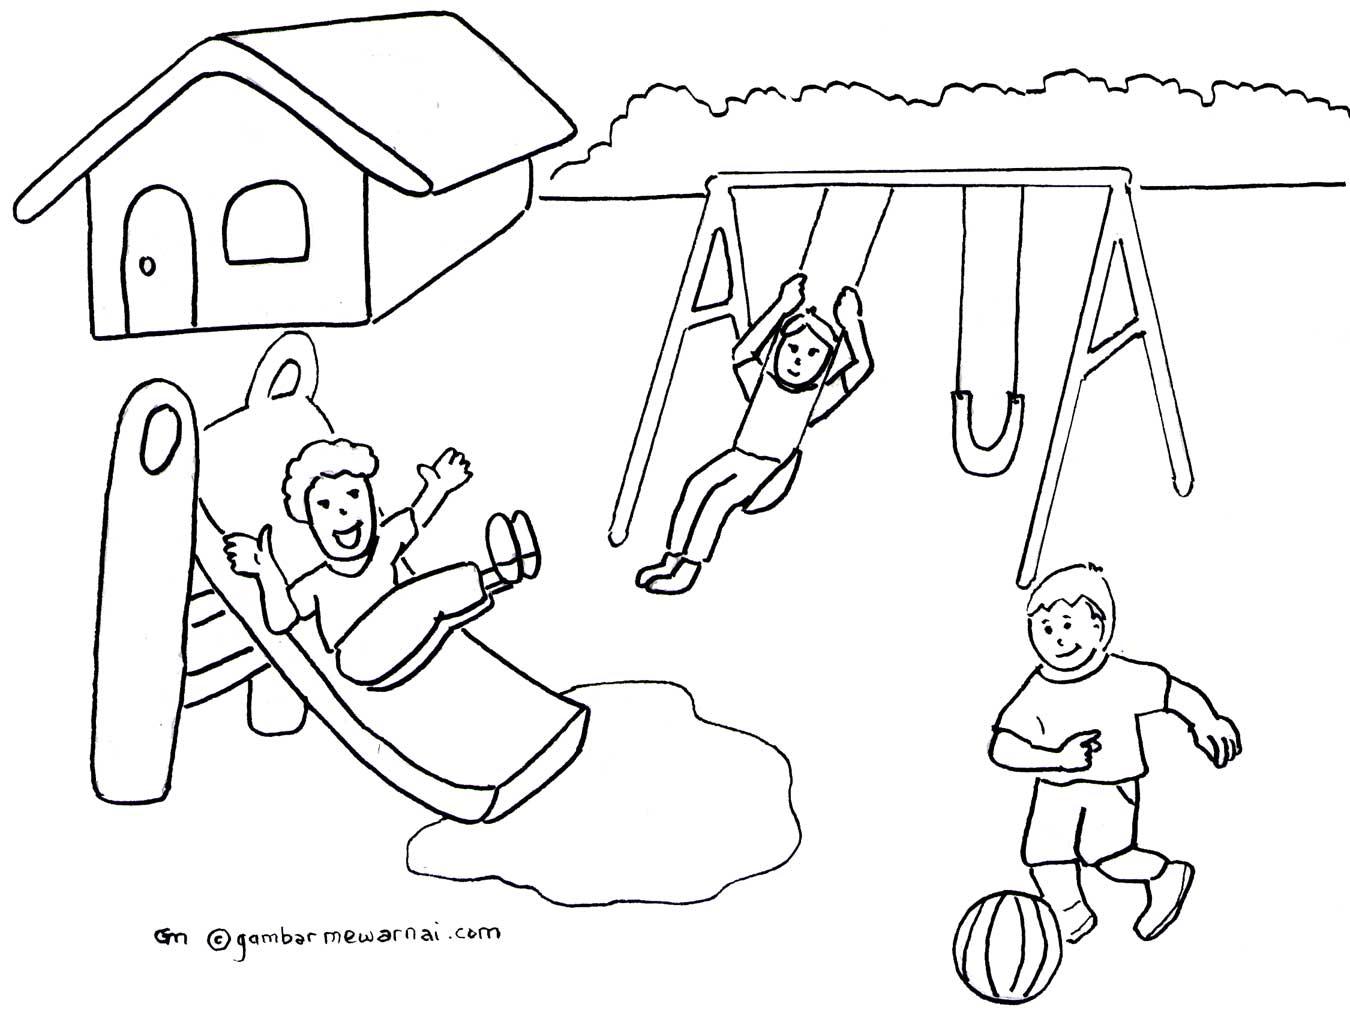 mewarnai – gambar mewarnai anak indonesia meliputi, Gambar mewarnai